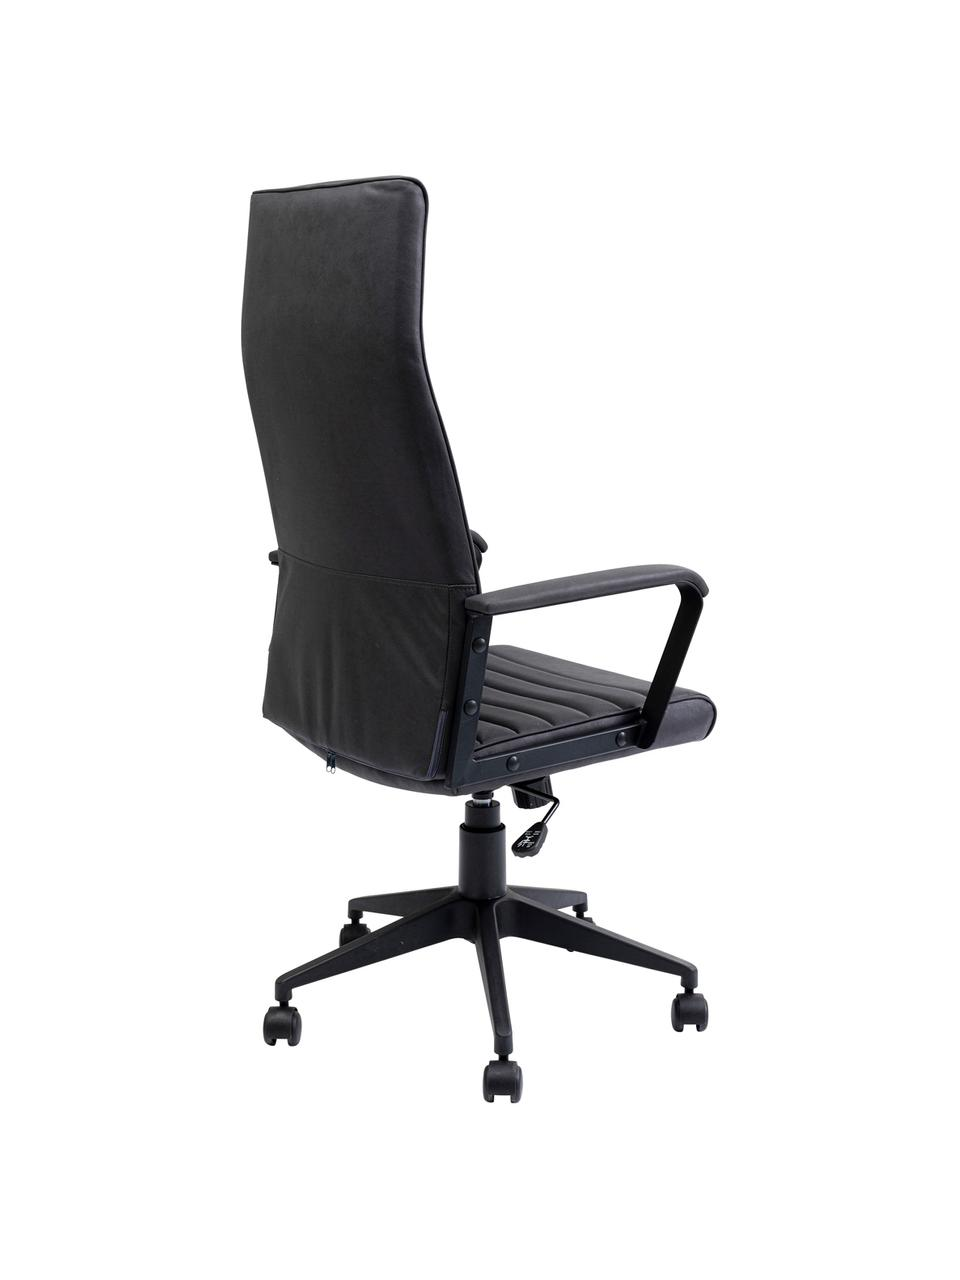 Biurowe krzesło obrotowe ze sztucznej skóry Labora, Tapicerka: sztuczna skóra, Czarny, S 58 x W 128 cm